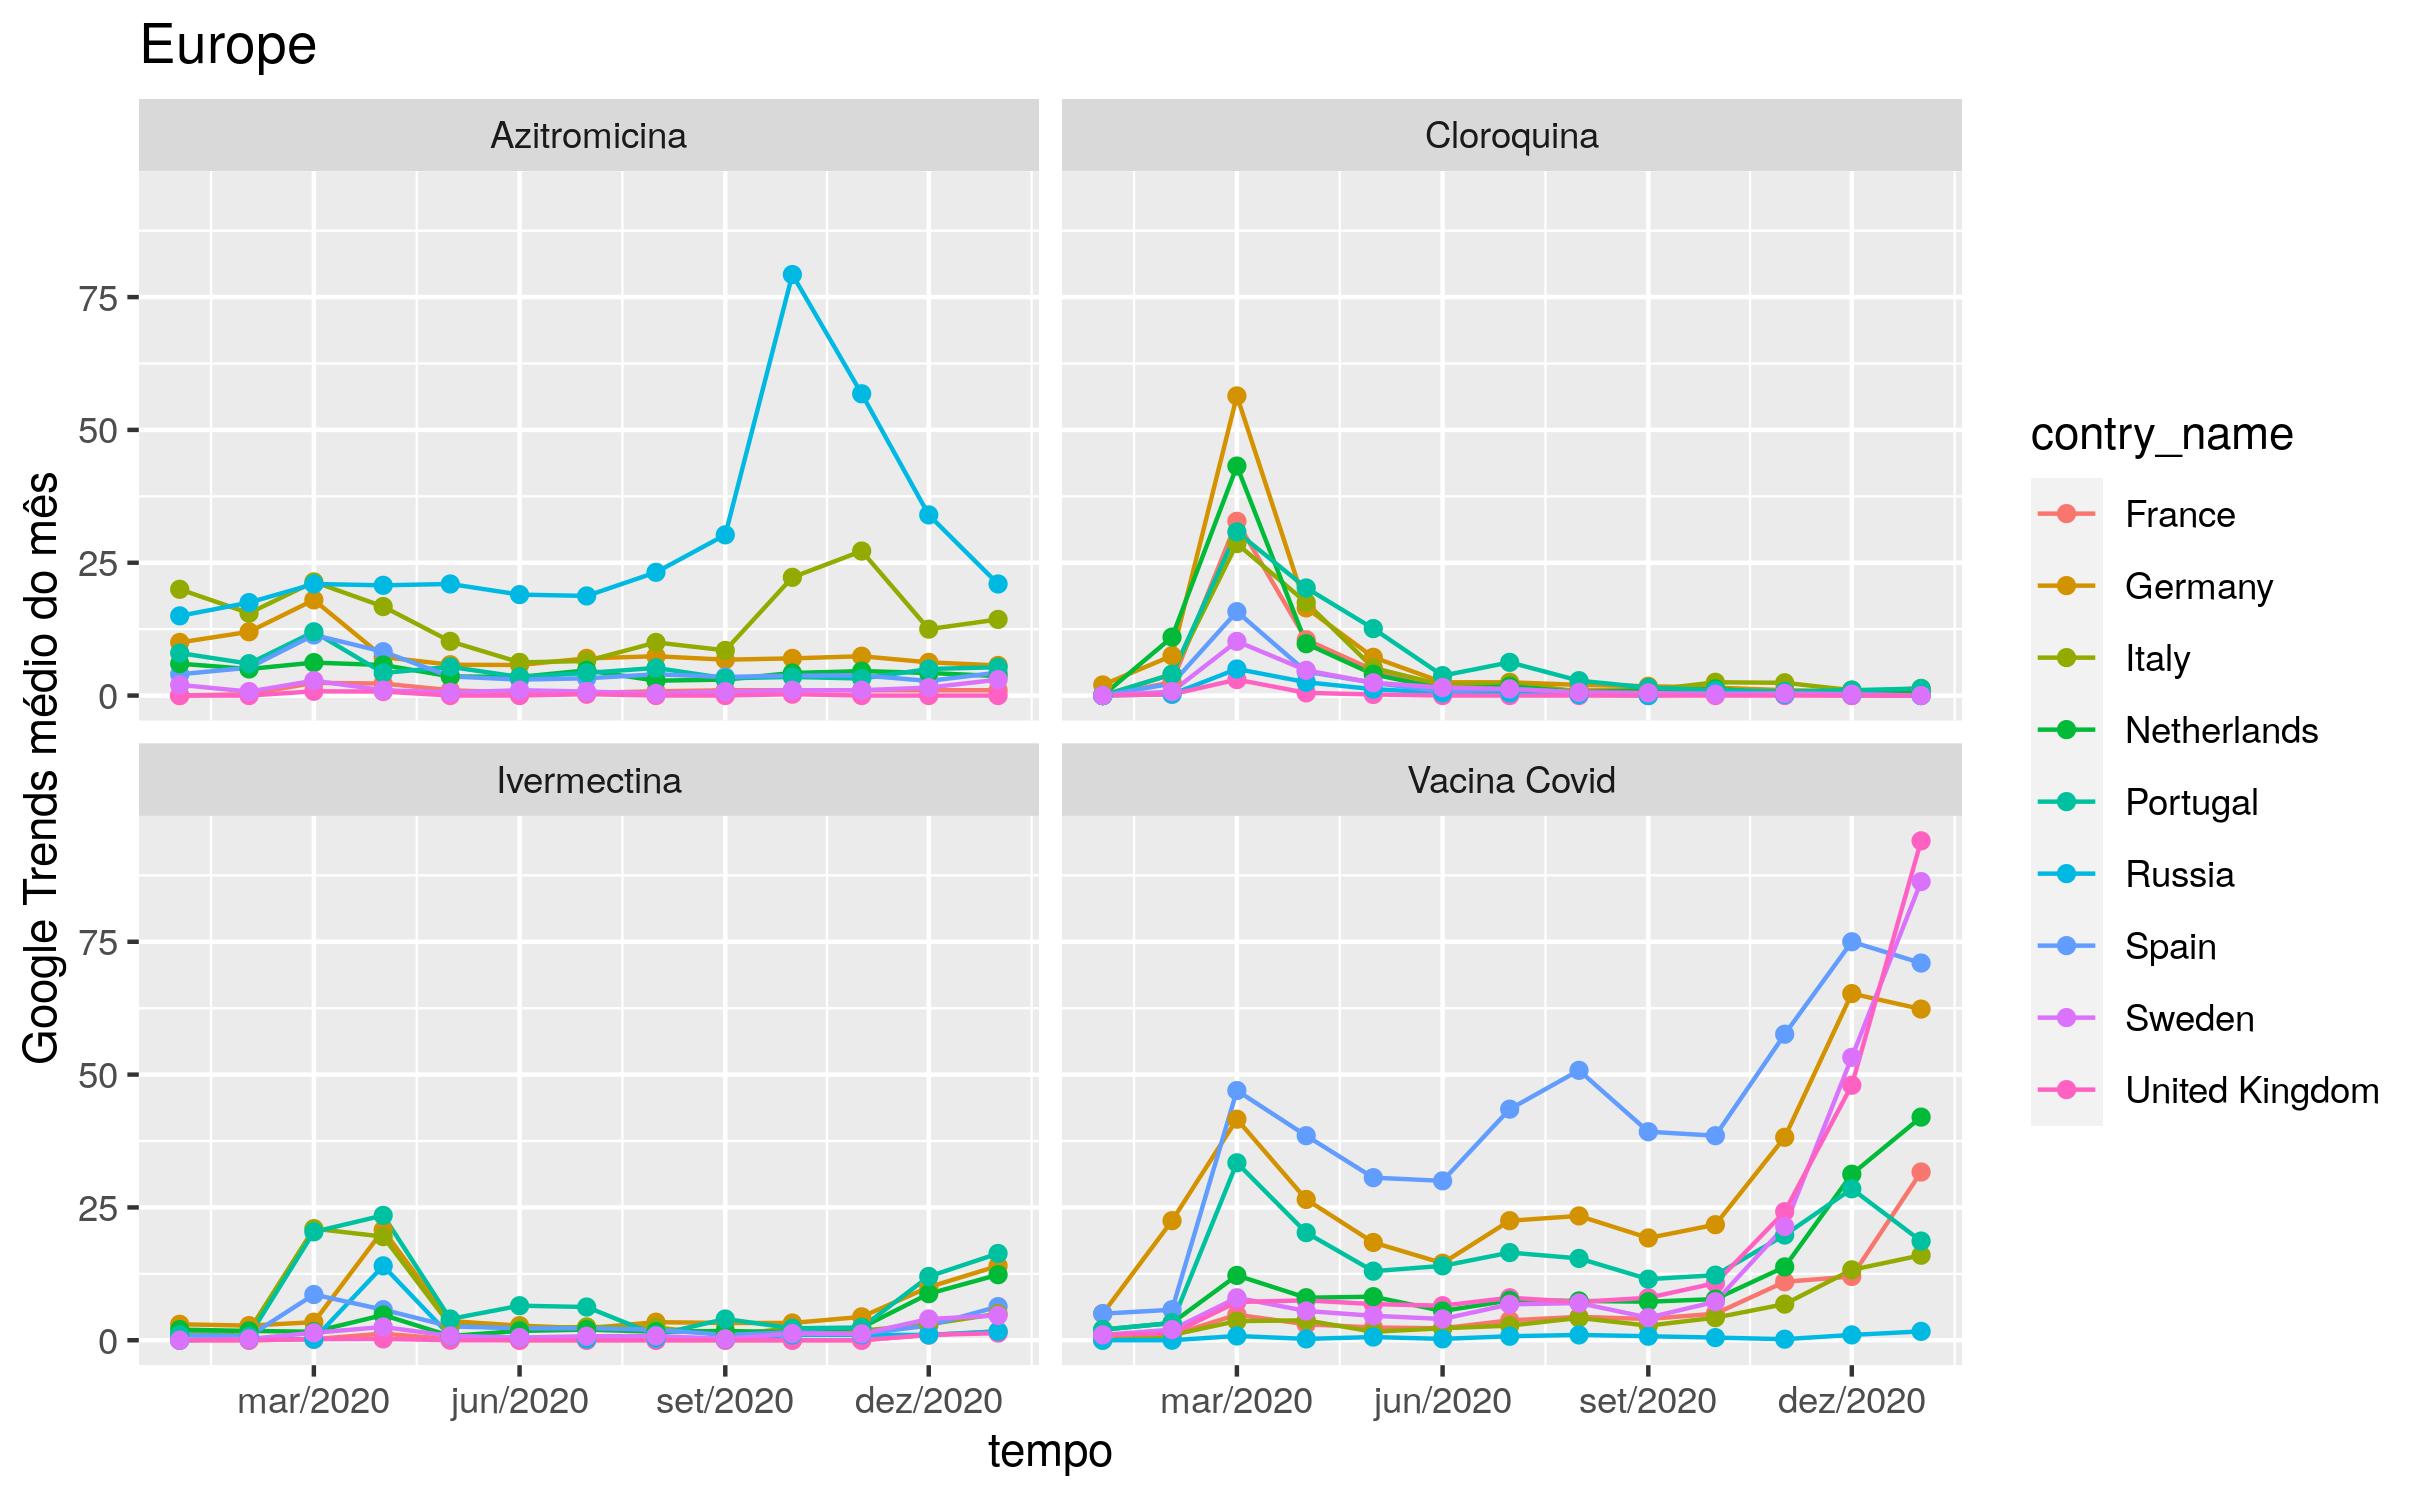 Comparativo entre o volume de busca orgânica associado à medicação precoce e vacina para COVID-19